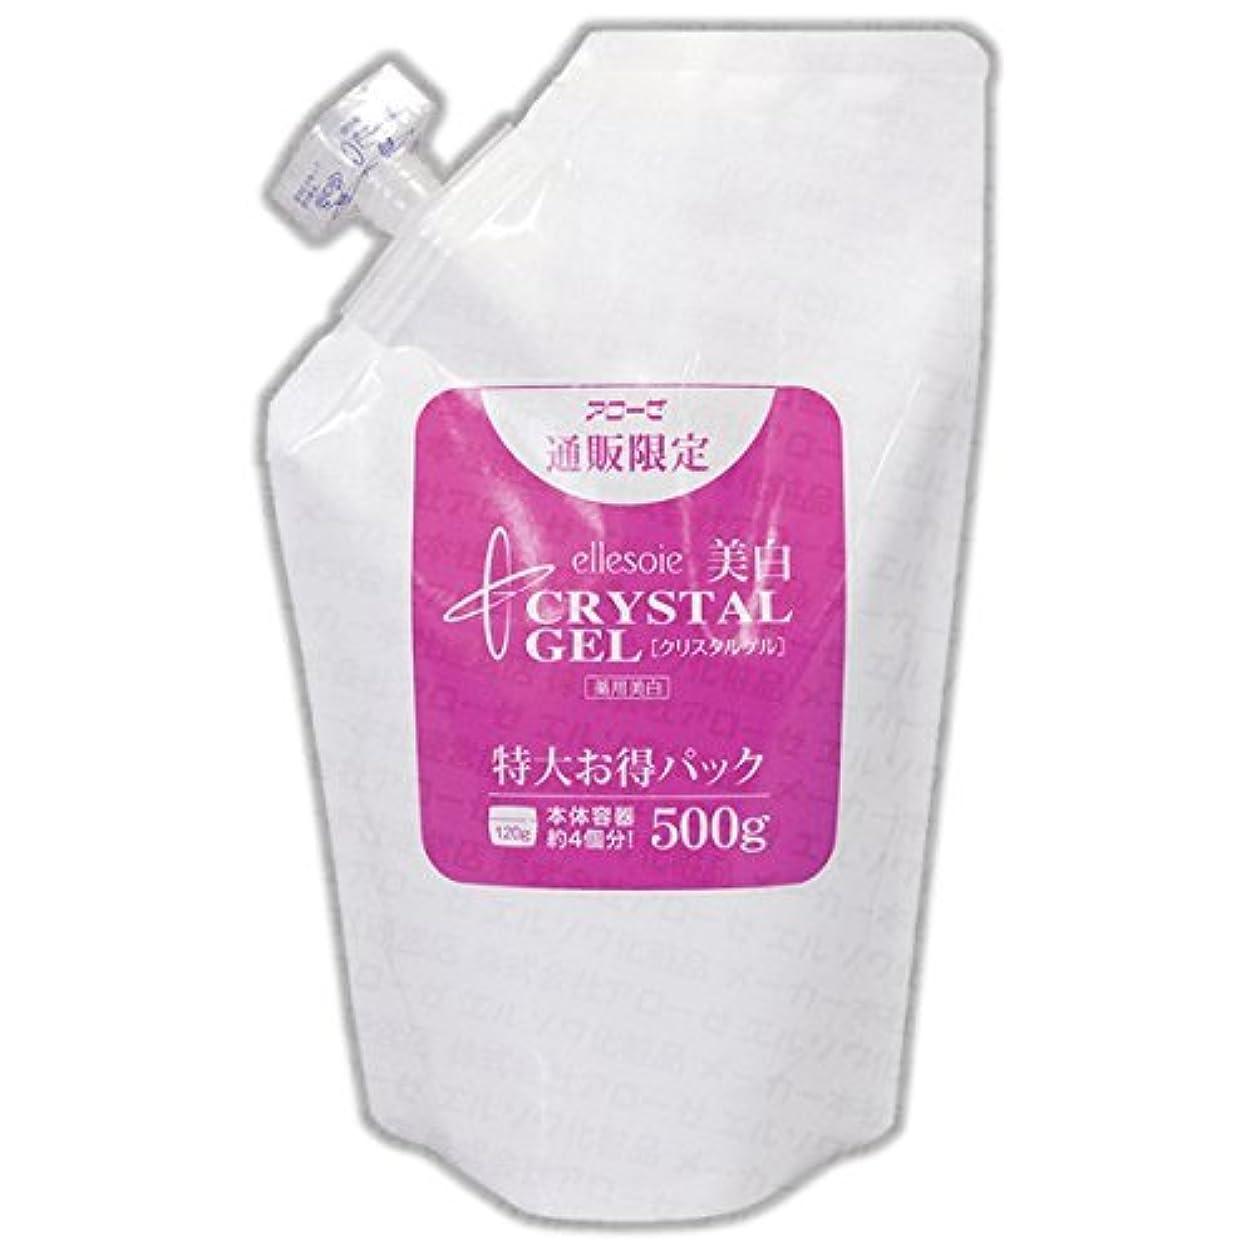 雨の故意に怠けたエルソワ化粧品(ellesoie) クリスタルゲルS 詰替用500g 保存用キャップ付 薬用美白オールインワン